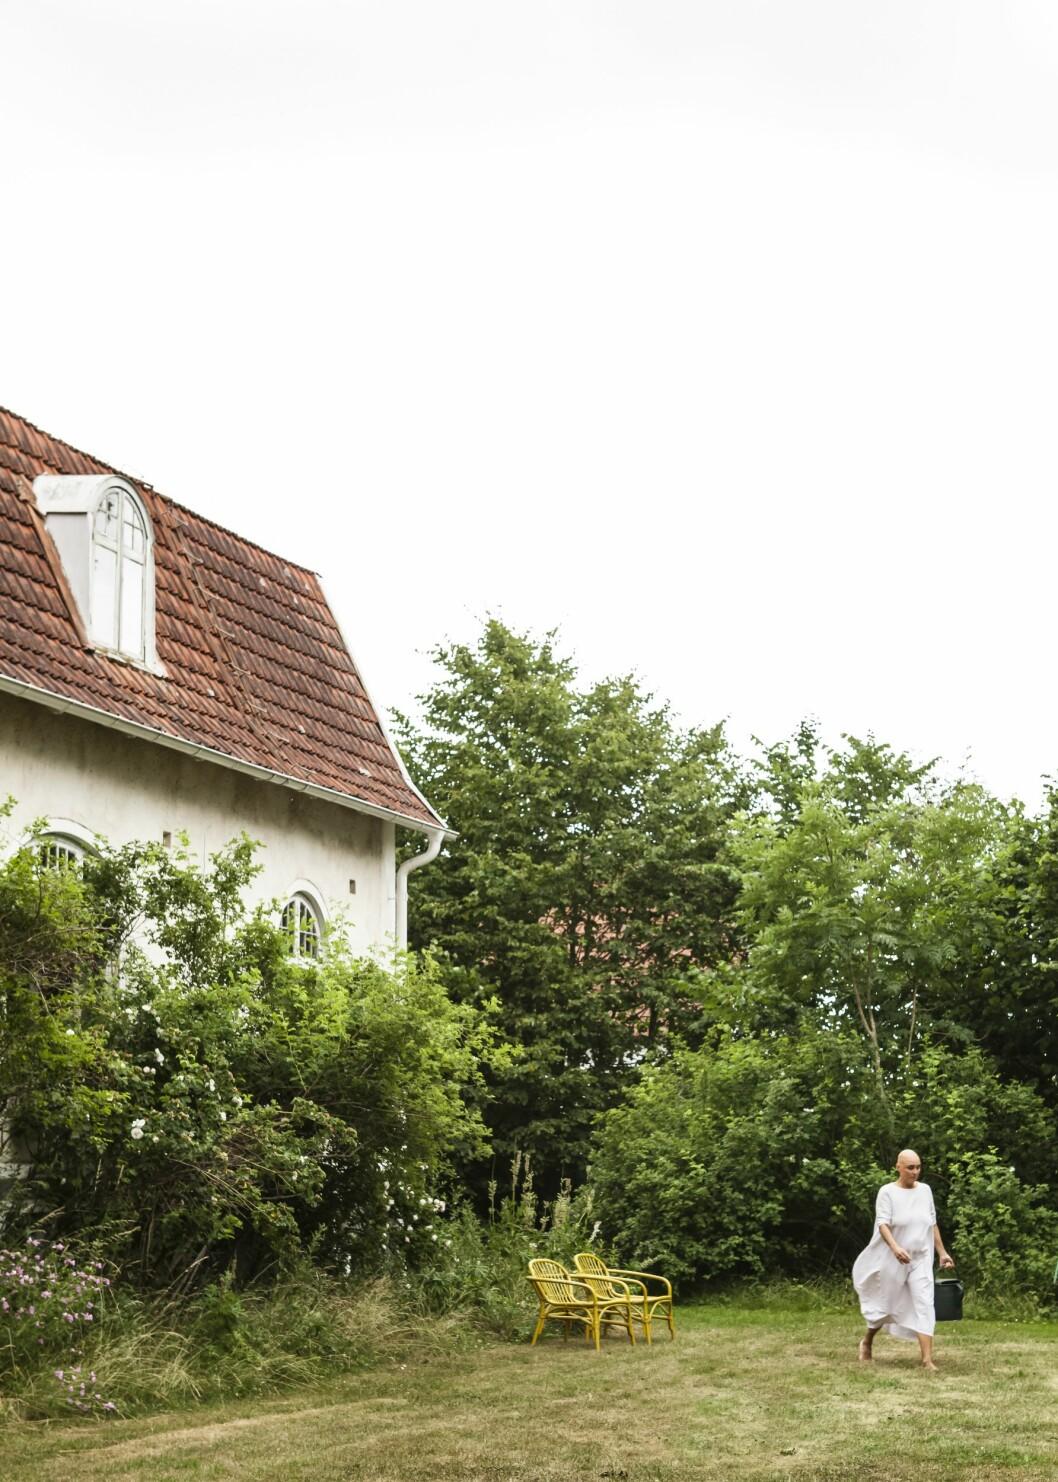 Huset var känt som Spökhuset i Komstad.